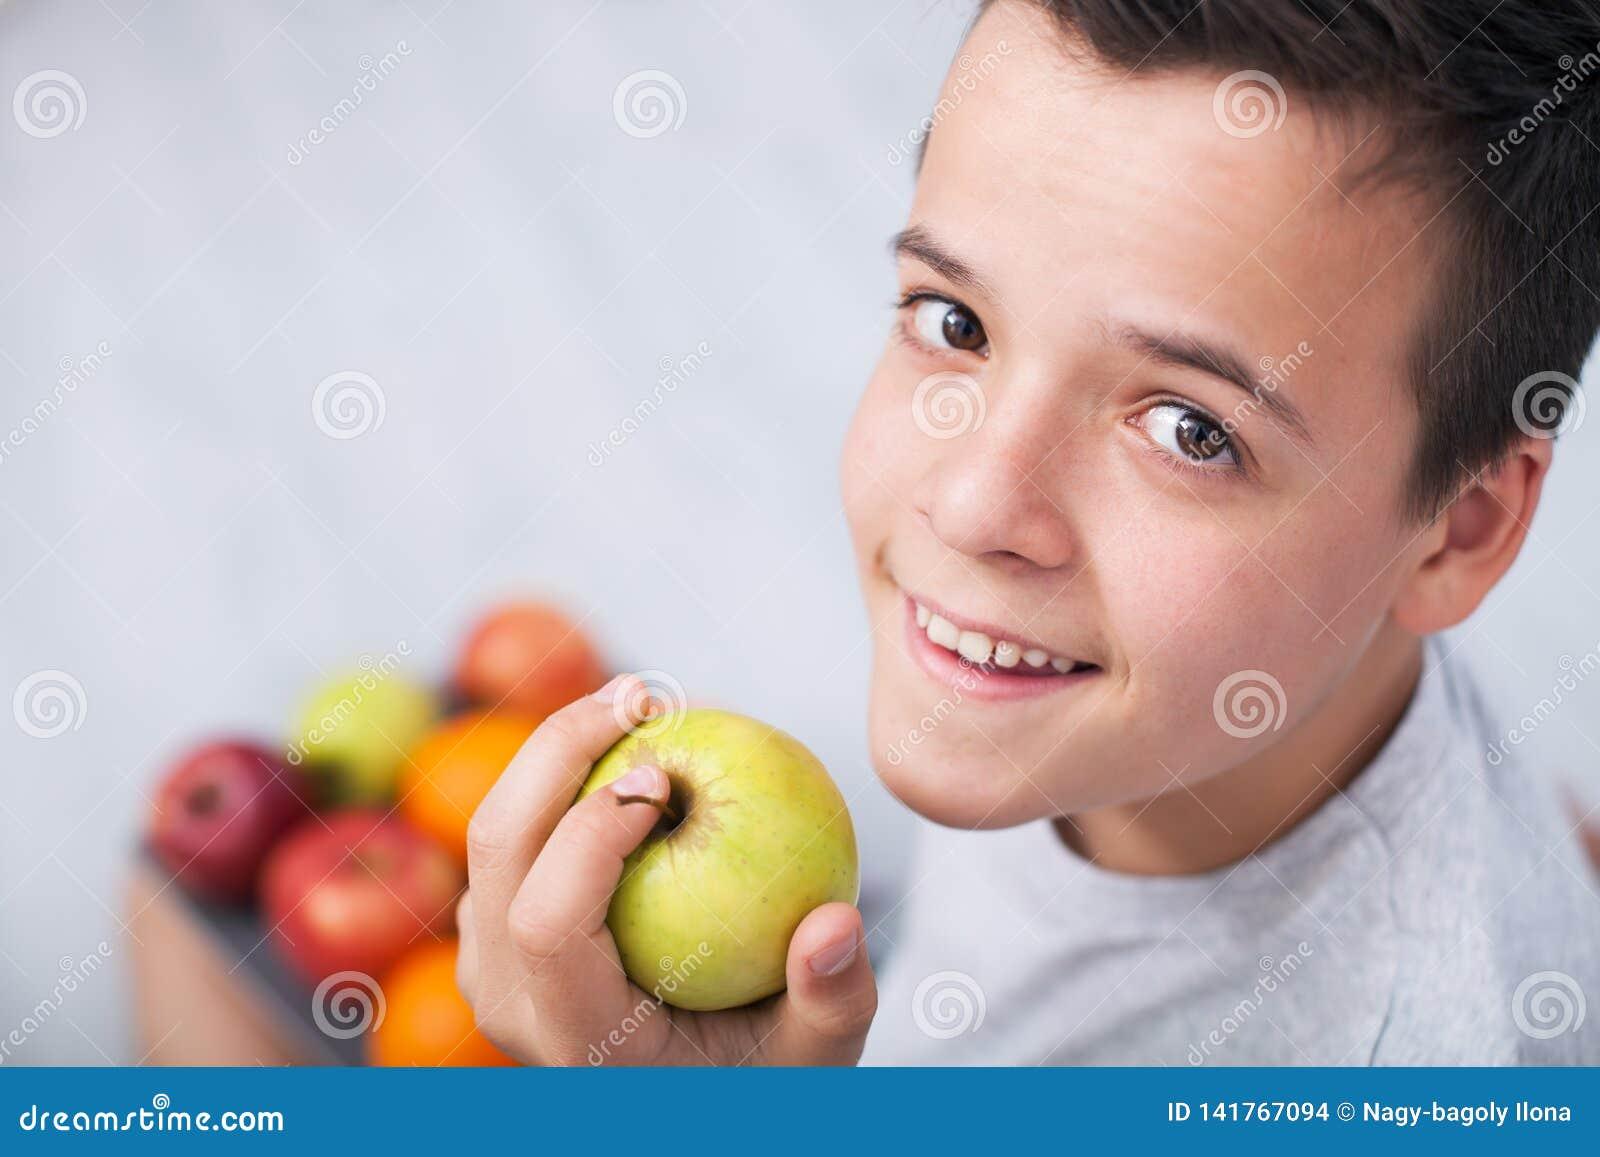 Młoda nastolatek chłopiec trzyma jabłka - przyglądający w górę